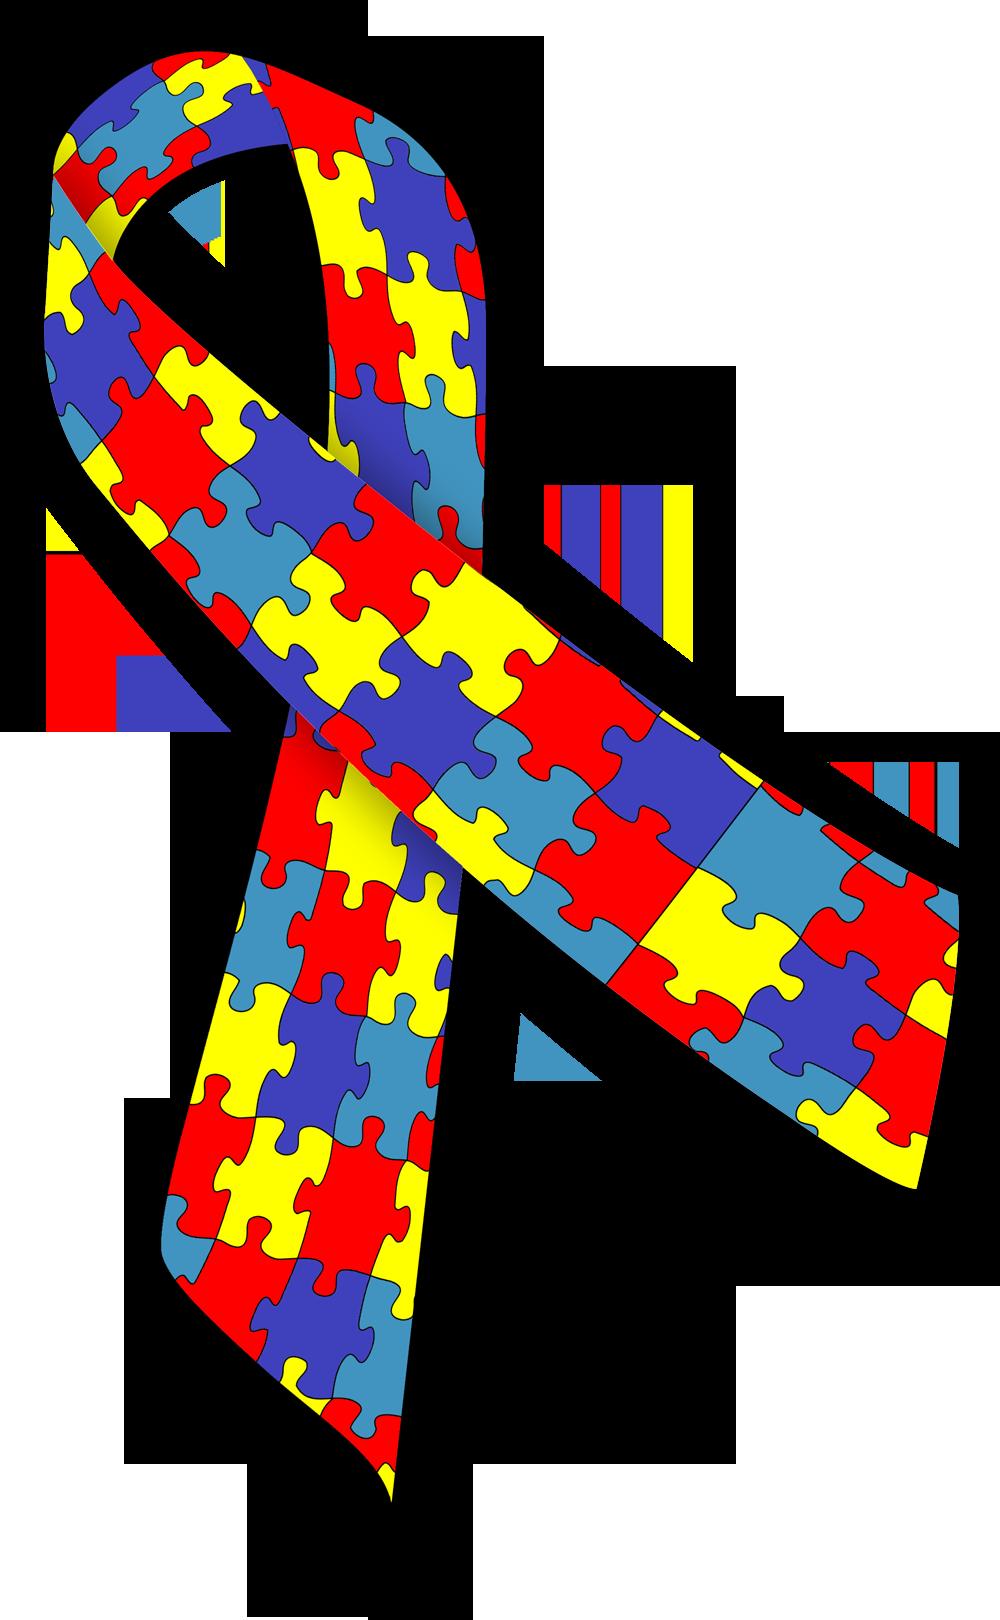 Autism clipart transparent. Preparing the autistic for